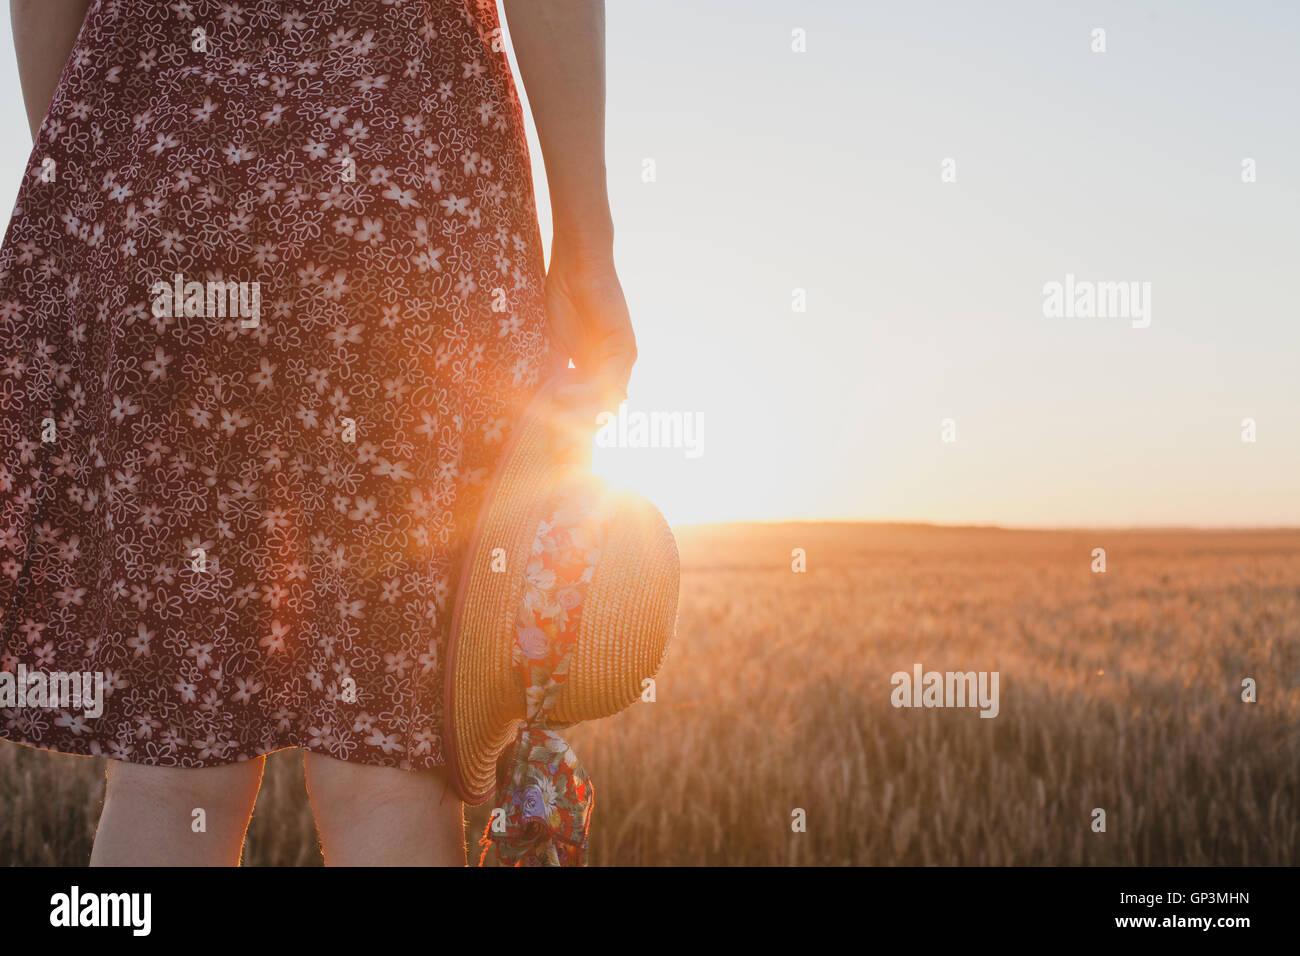 Abschied oder warten Konzept, Sommer Sonnenuntergang, Frau Hand mit Hut Stockbild